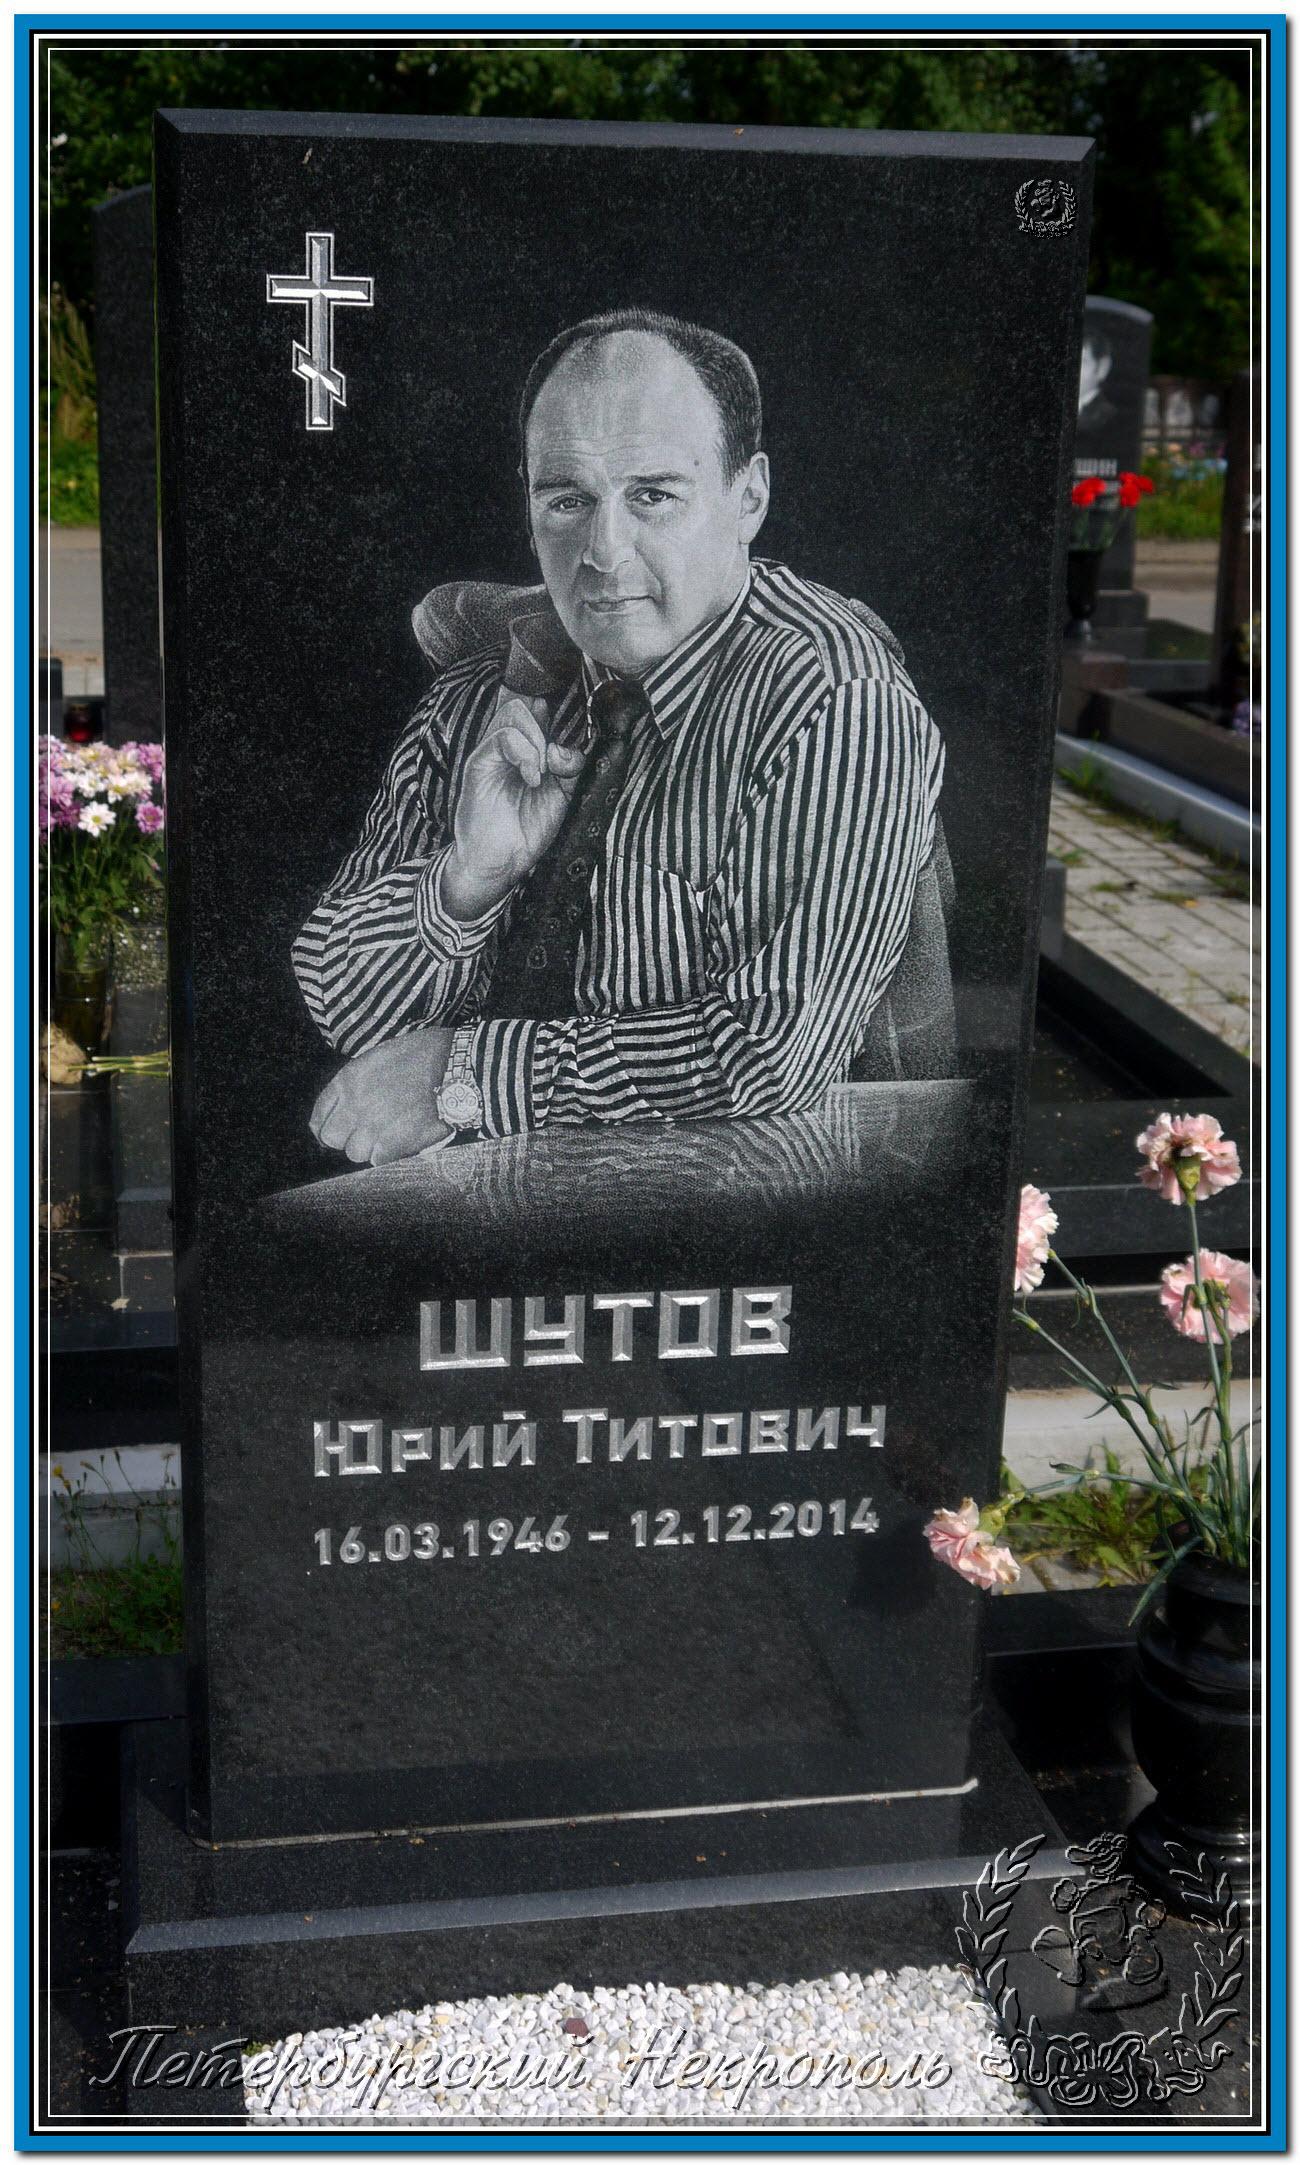 © Шутов Юрий Титович